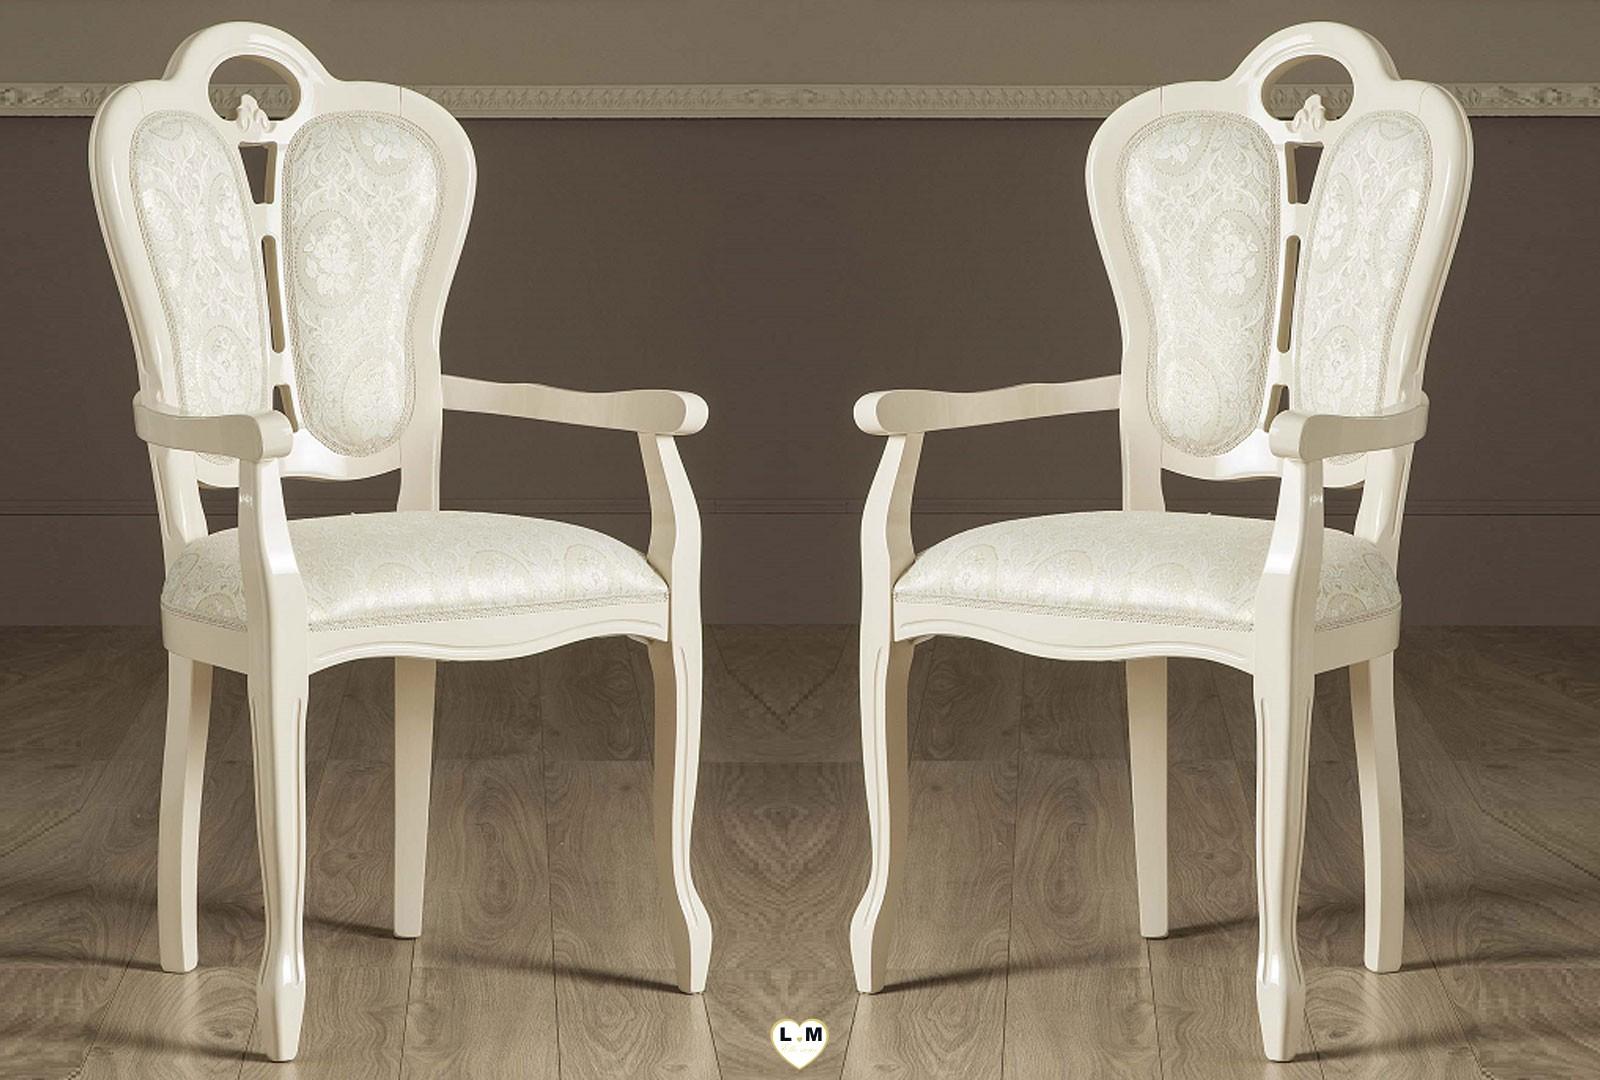 garbo laque ivoire salle a manger baroque la chaise accoudoir tissus lignemeuble com. Black Bedroom Furniture Sets. Home Design Ideas